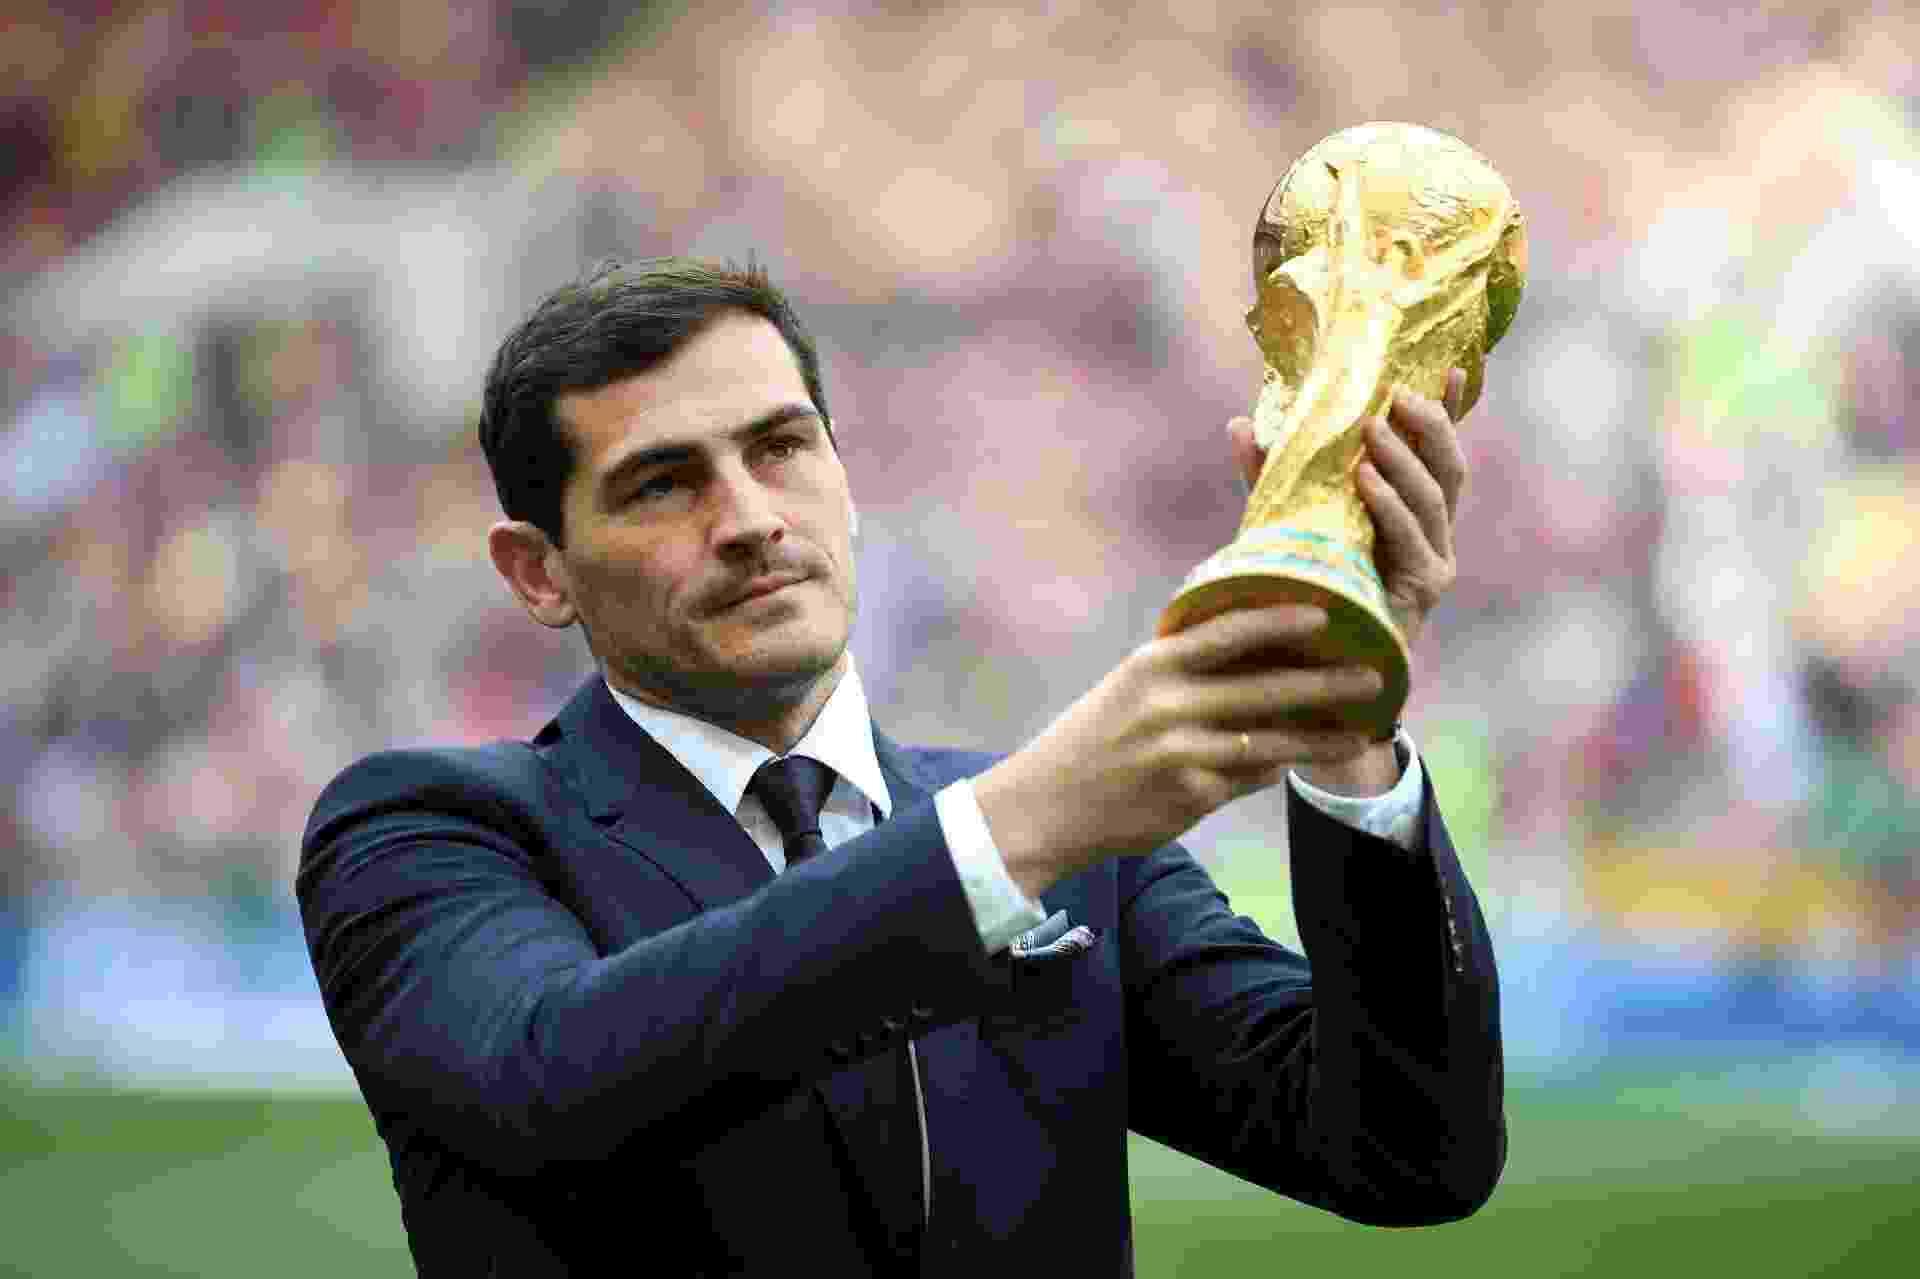 Campeão com a Espanha no Mundial de 2010, Iker Casillas participa de cerimônia de abertura da Copa do Mundo - Michael Regan - FIFA/FIFA via Getty Images